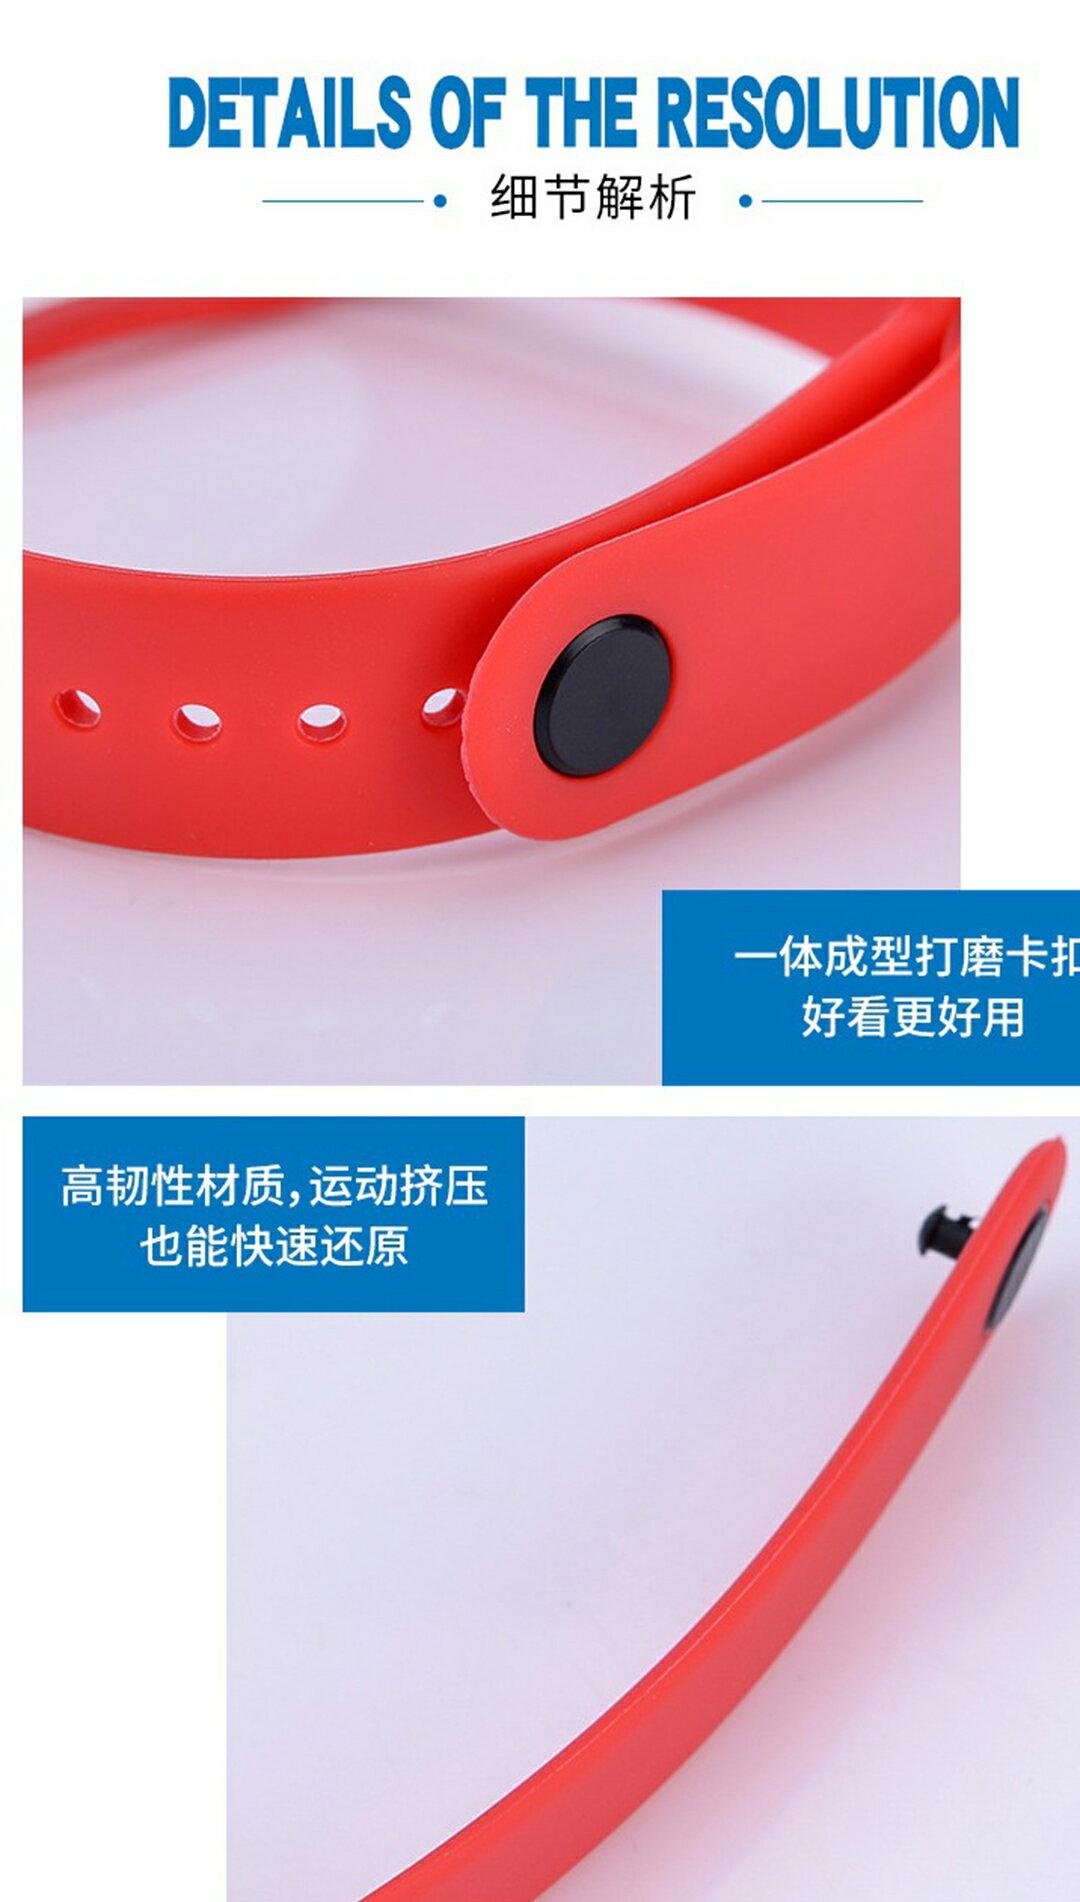 【台灣現貨】小米手環單色腕帶 迷彩腕帶 矽膠替換帶 小米手環4 小米手環3 小米手錶 智慧手錶 智慧手環 運動手環 6